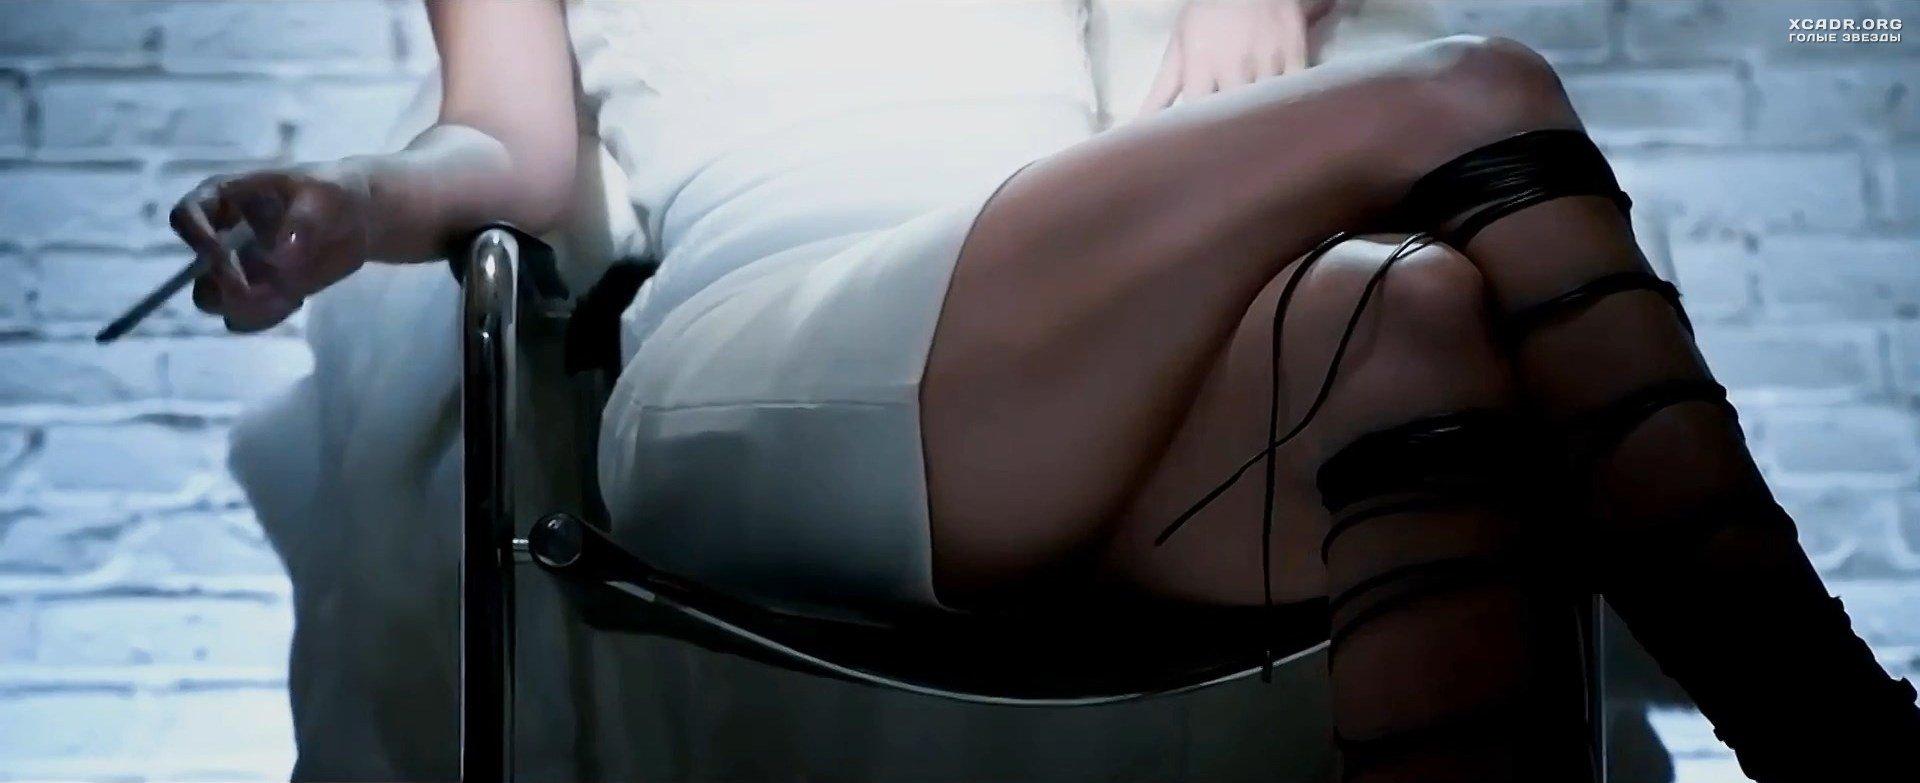 Порно звезды. Популярные и известные порно актрисы.